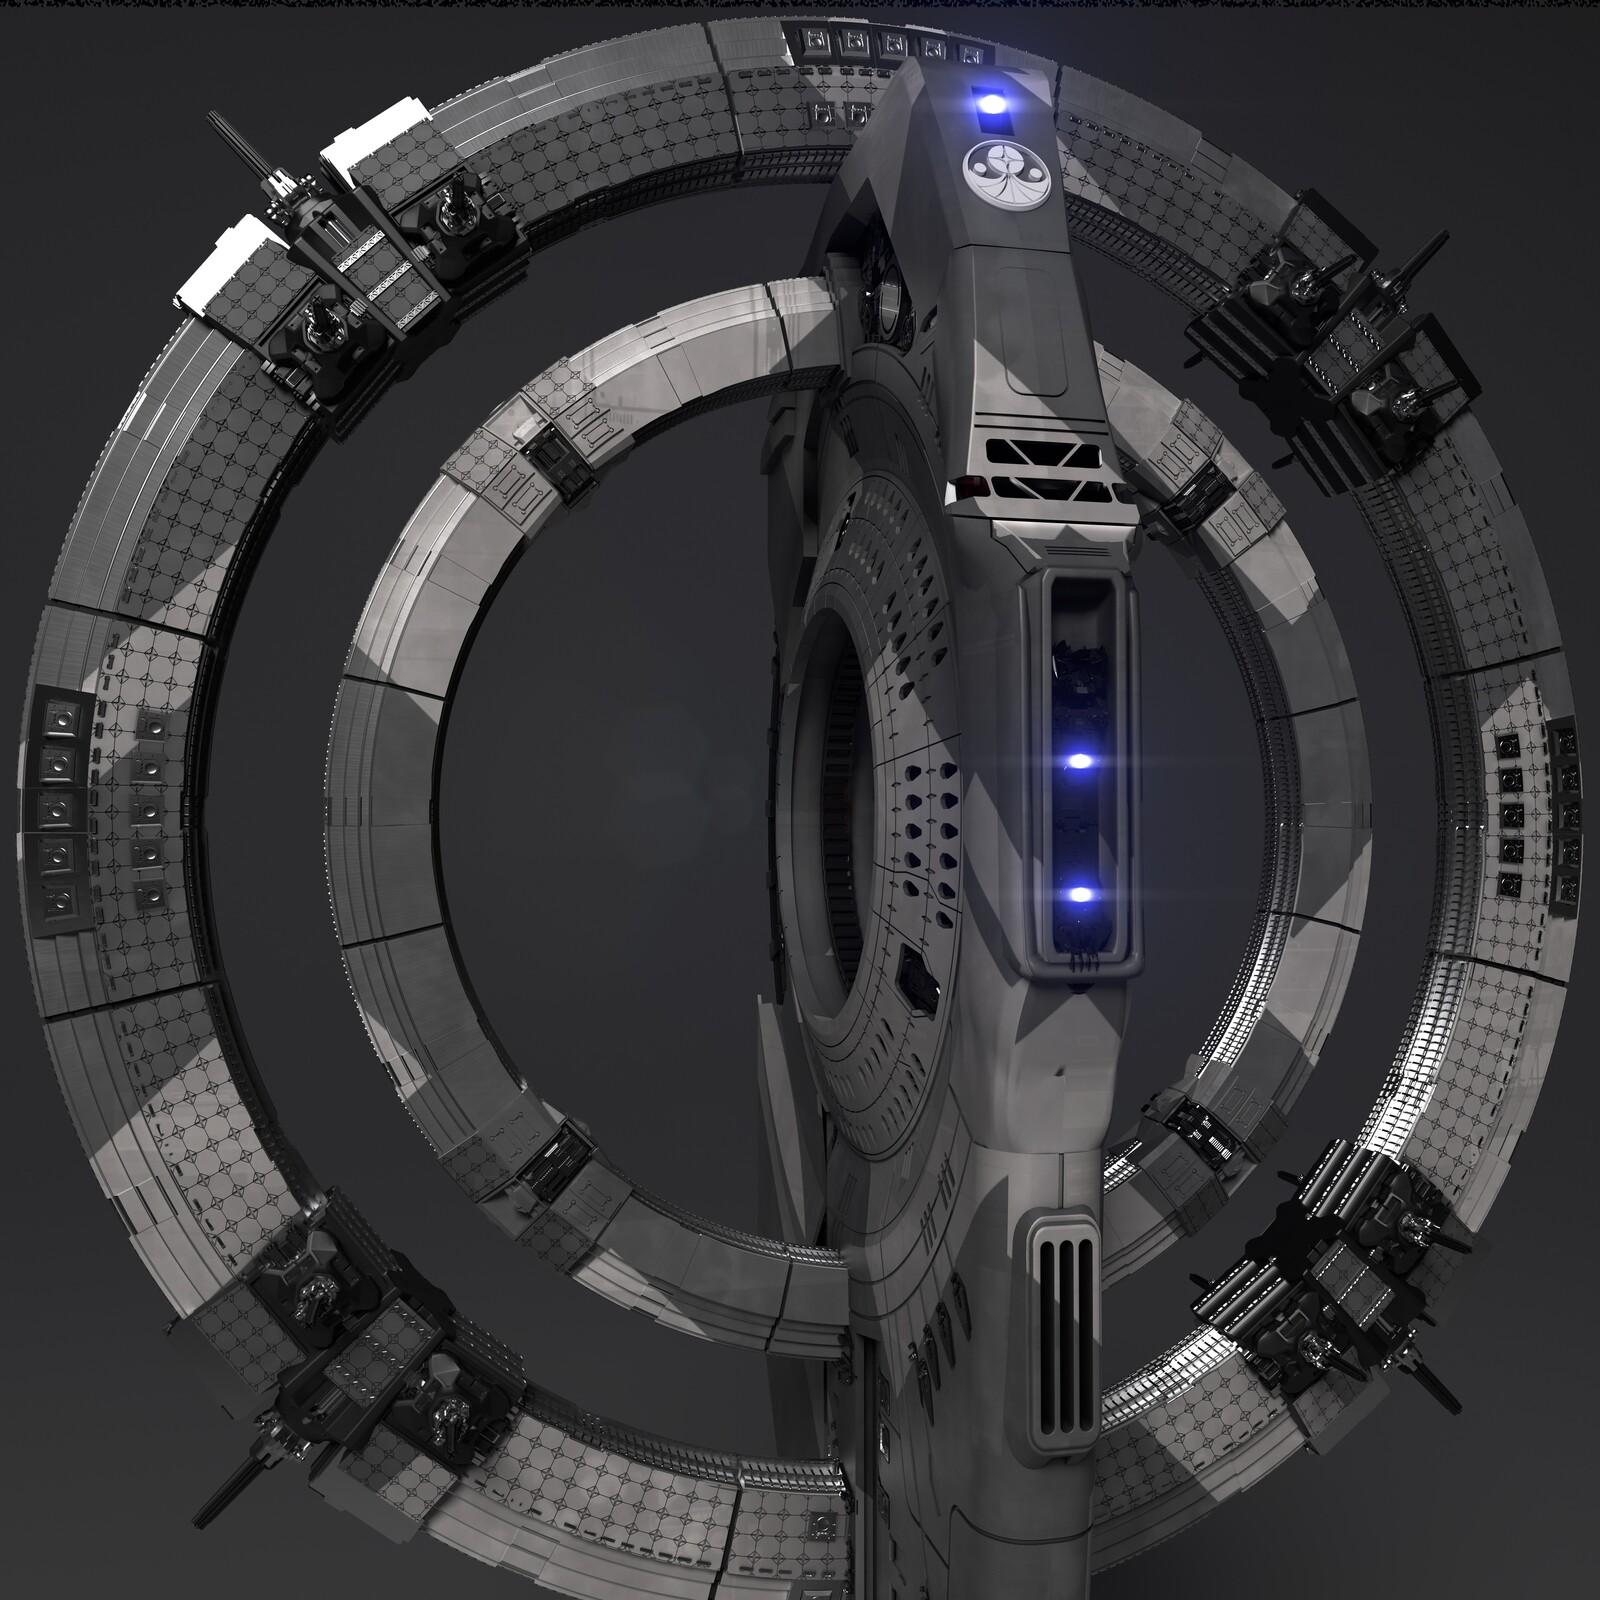 Foundation - Spacecraft